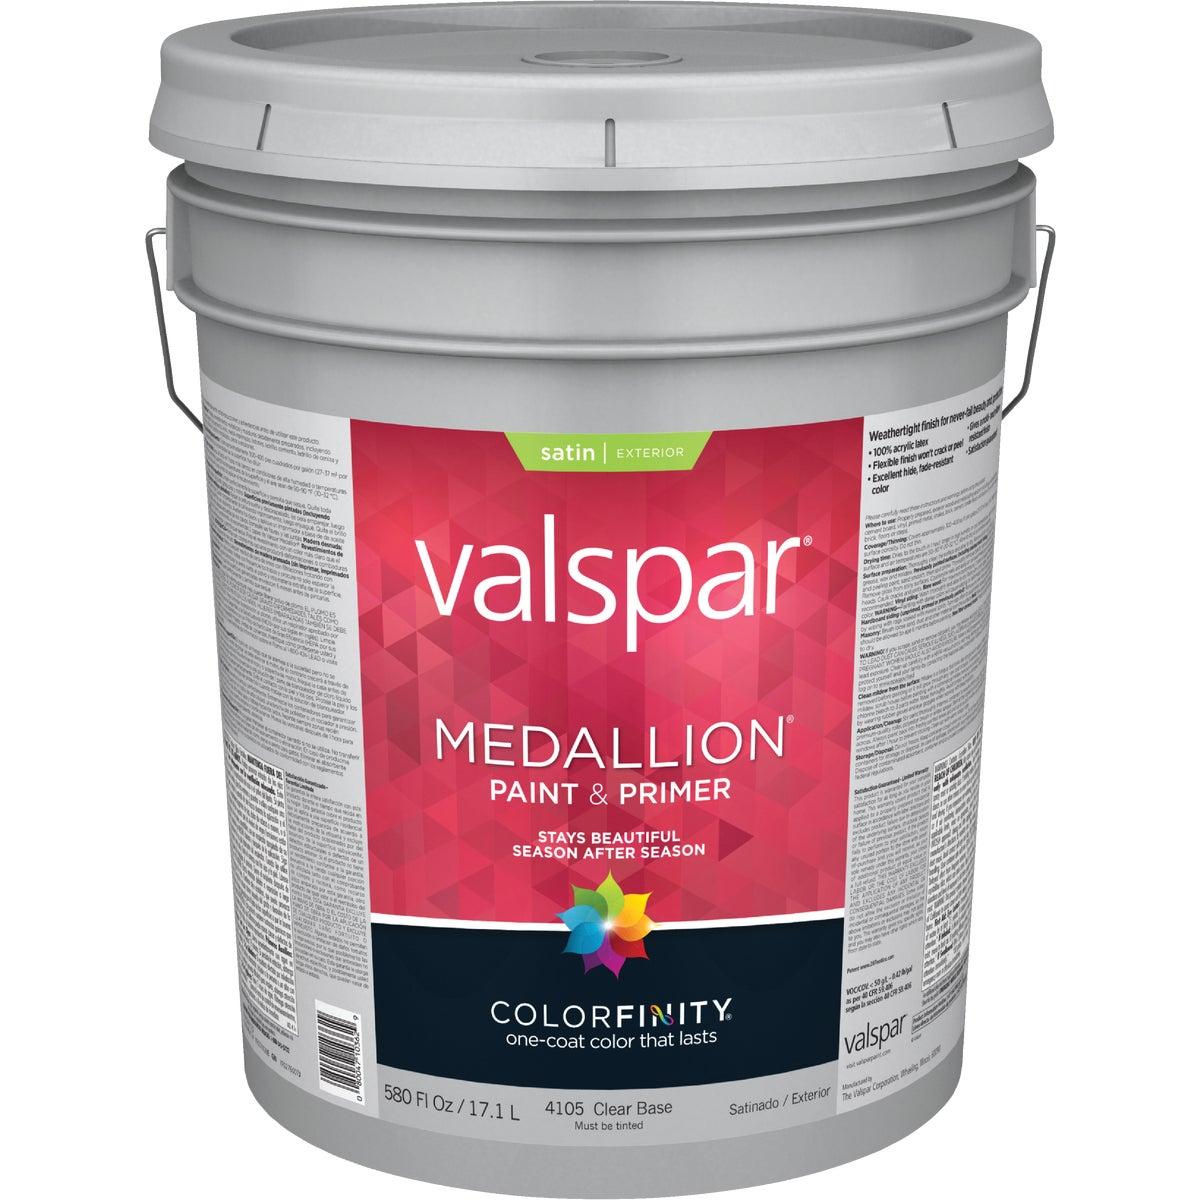 Valspar EXT SAT CLEAR BS PAINT 027.0004105.008